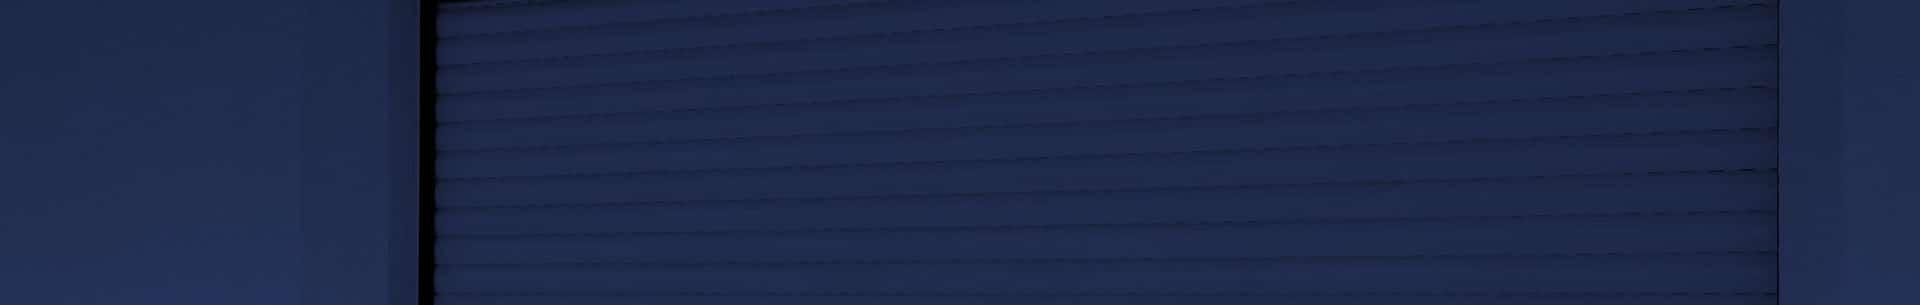 Volet roulant IsoTop extérieur ou intérieur